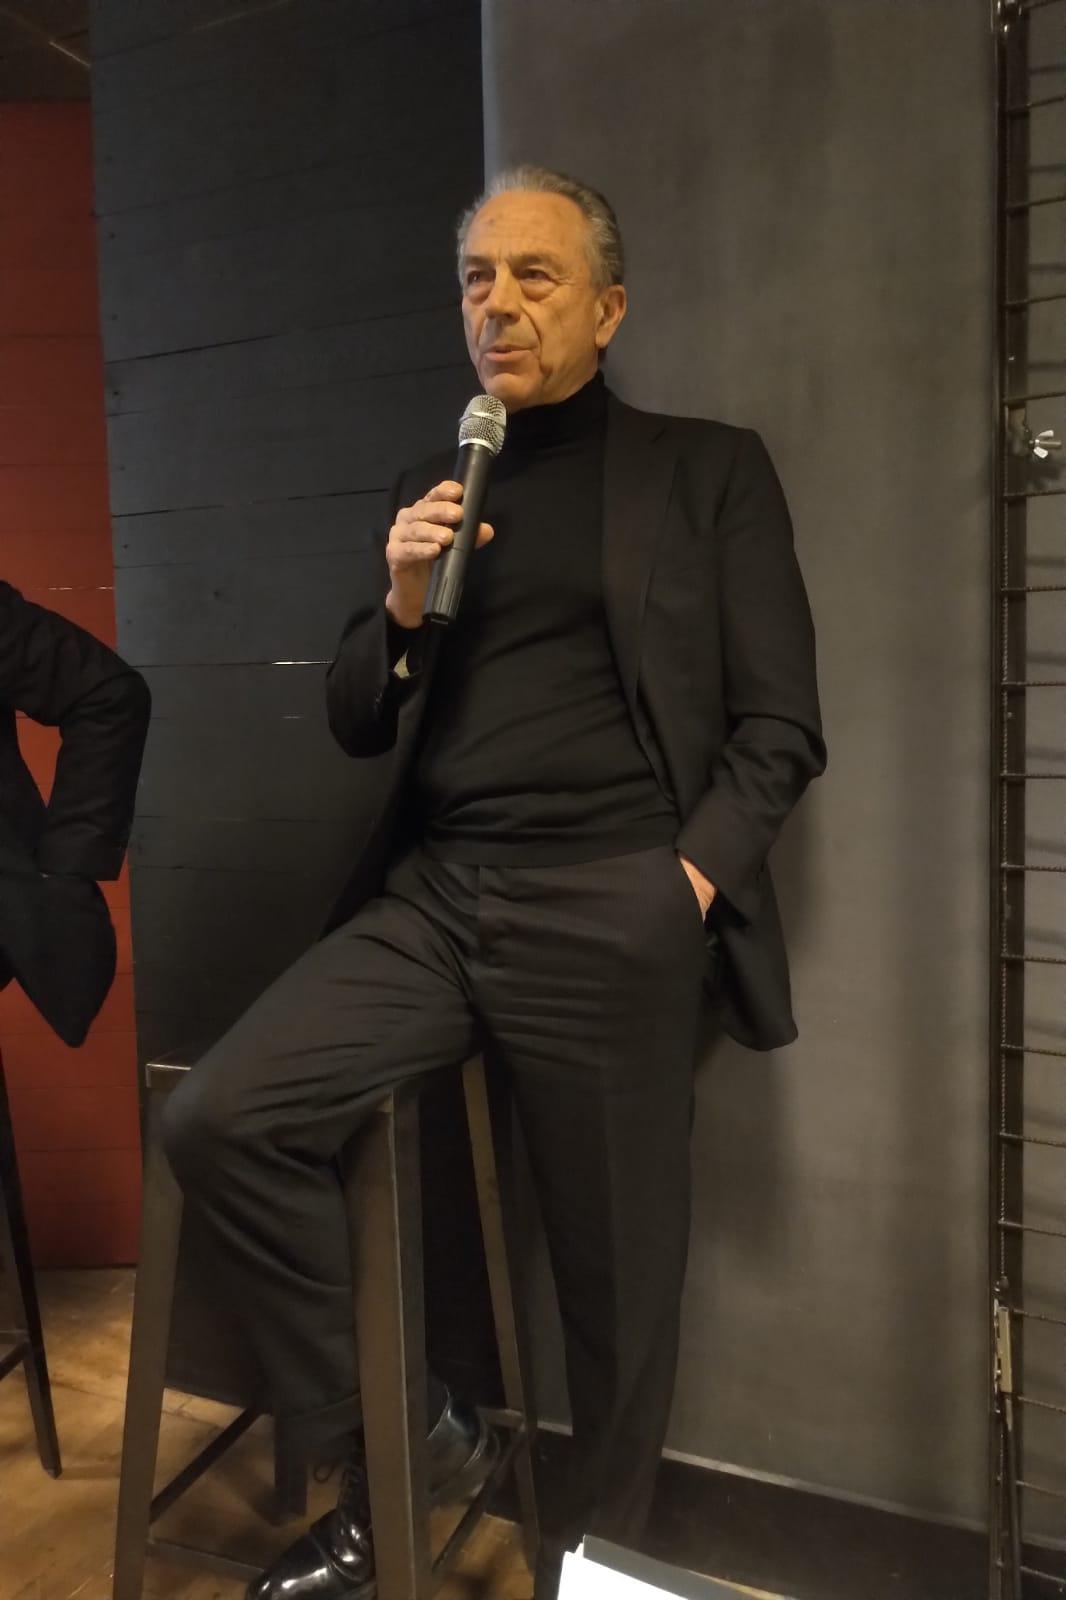 Marcello Ciccaglioni